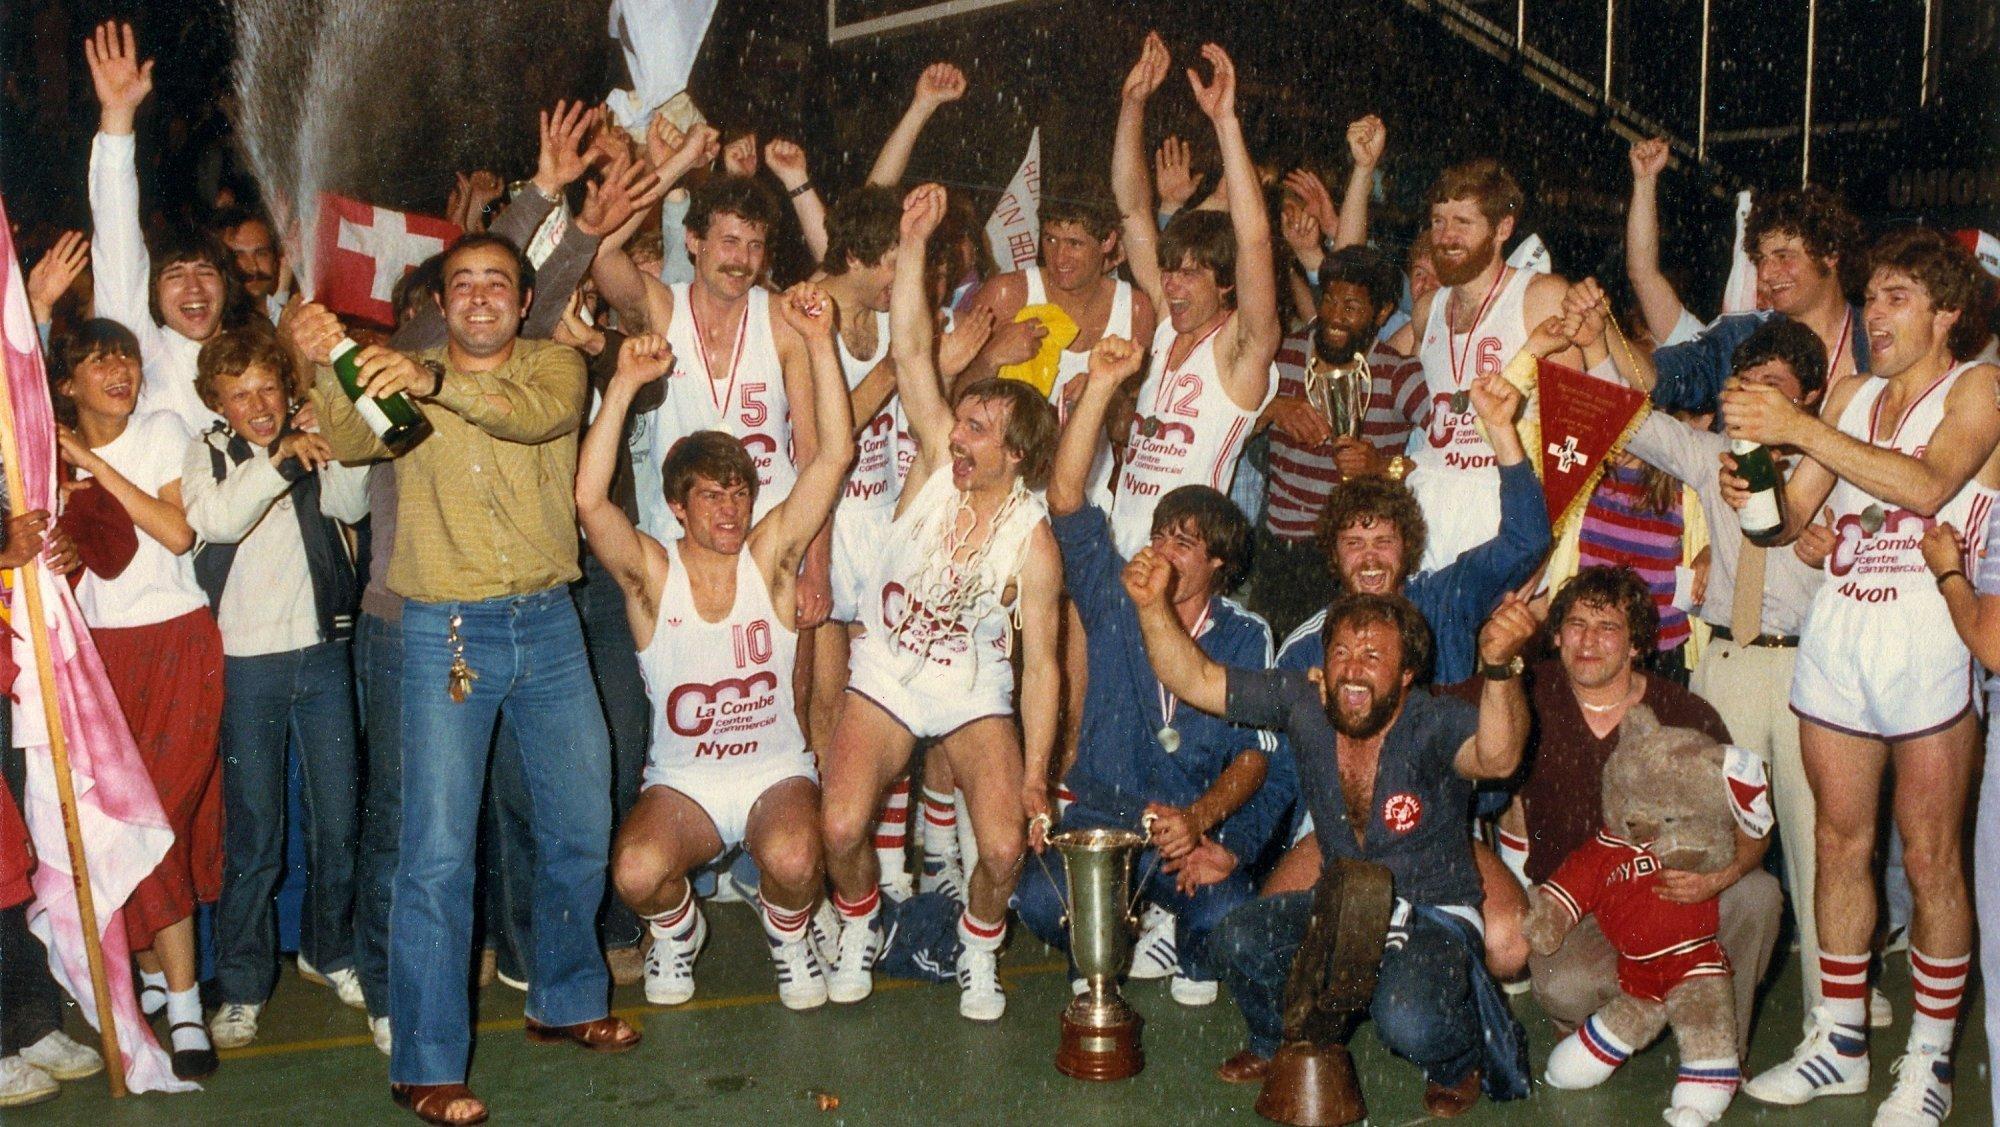 En 1981, le Nyon Basket gagnait la Coupe suisse aux Vernets. Deux ans plus tard, ils furent sacré en championnat.